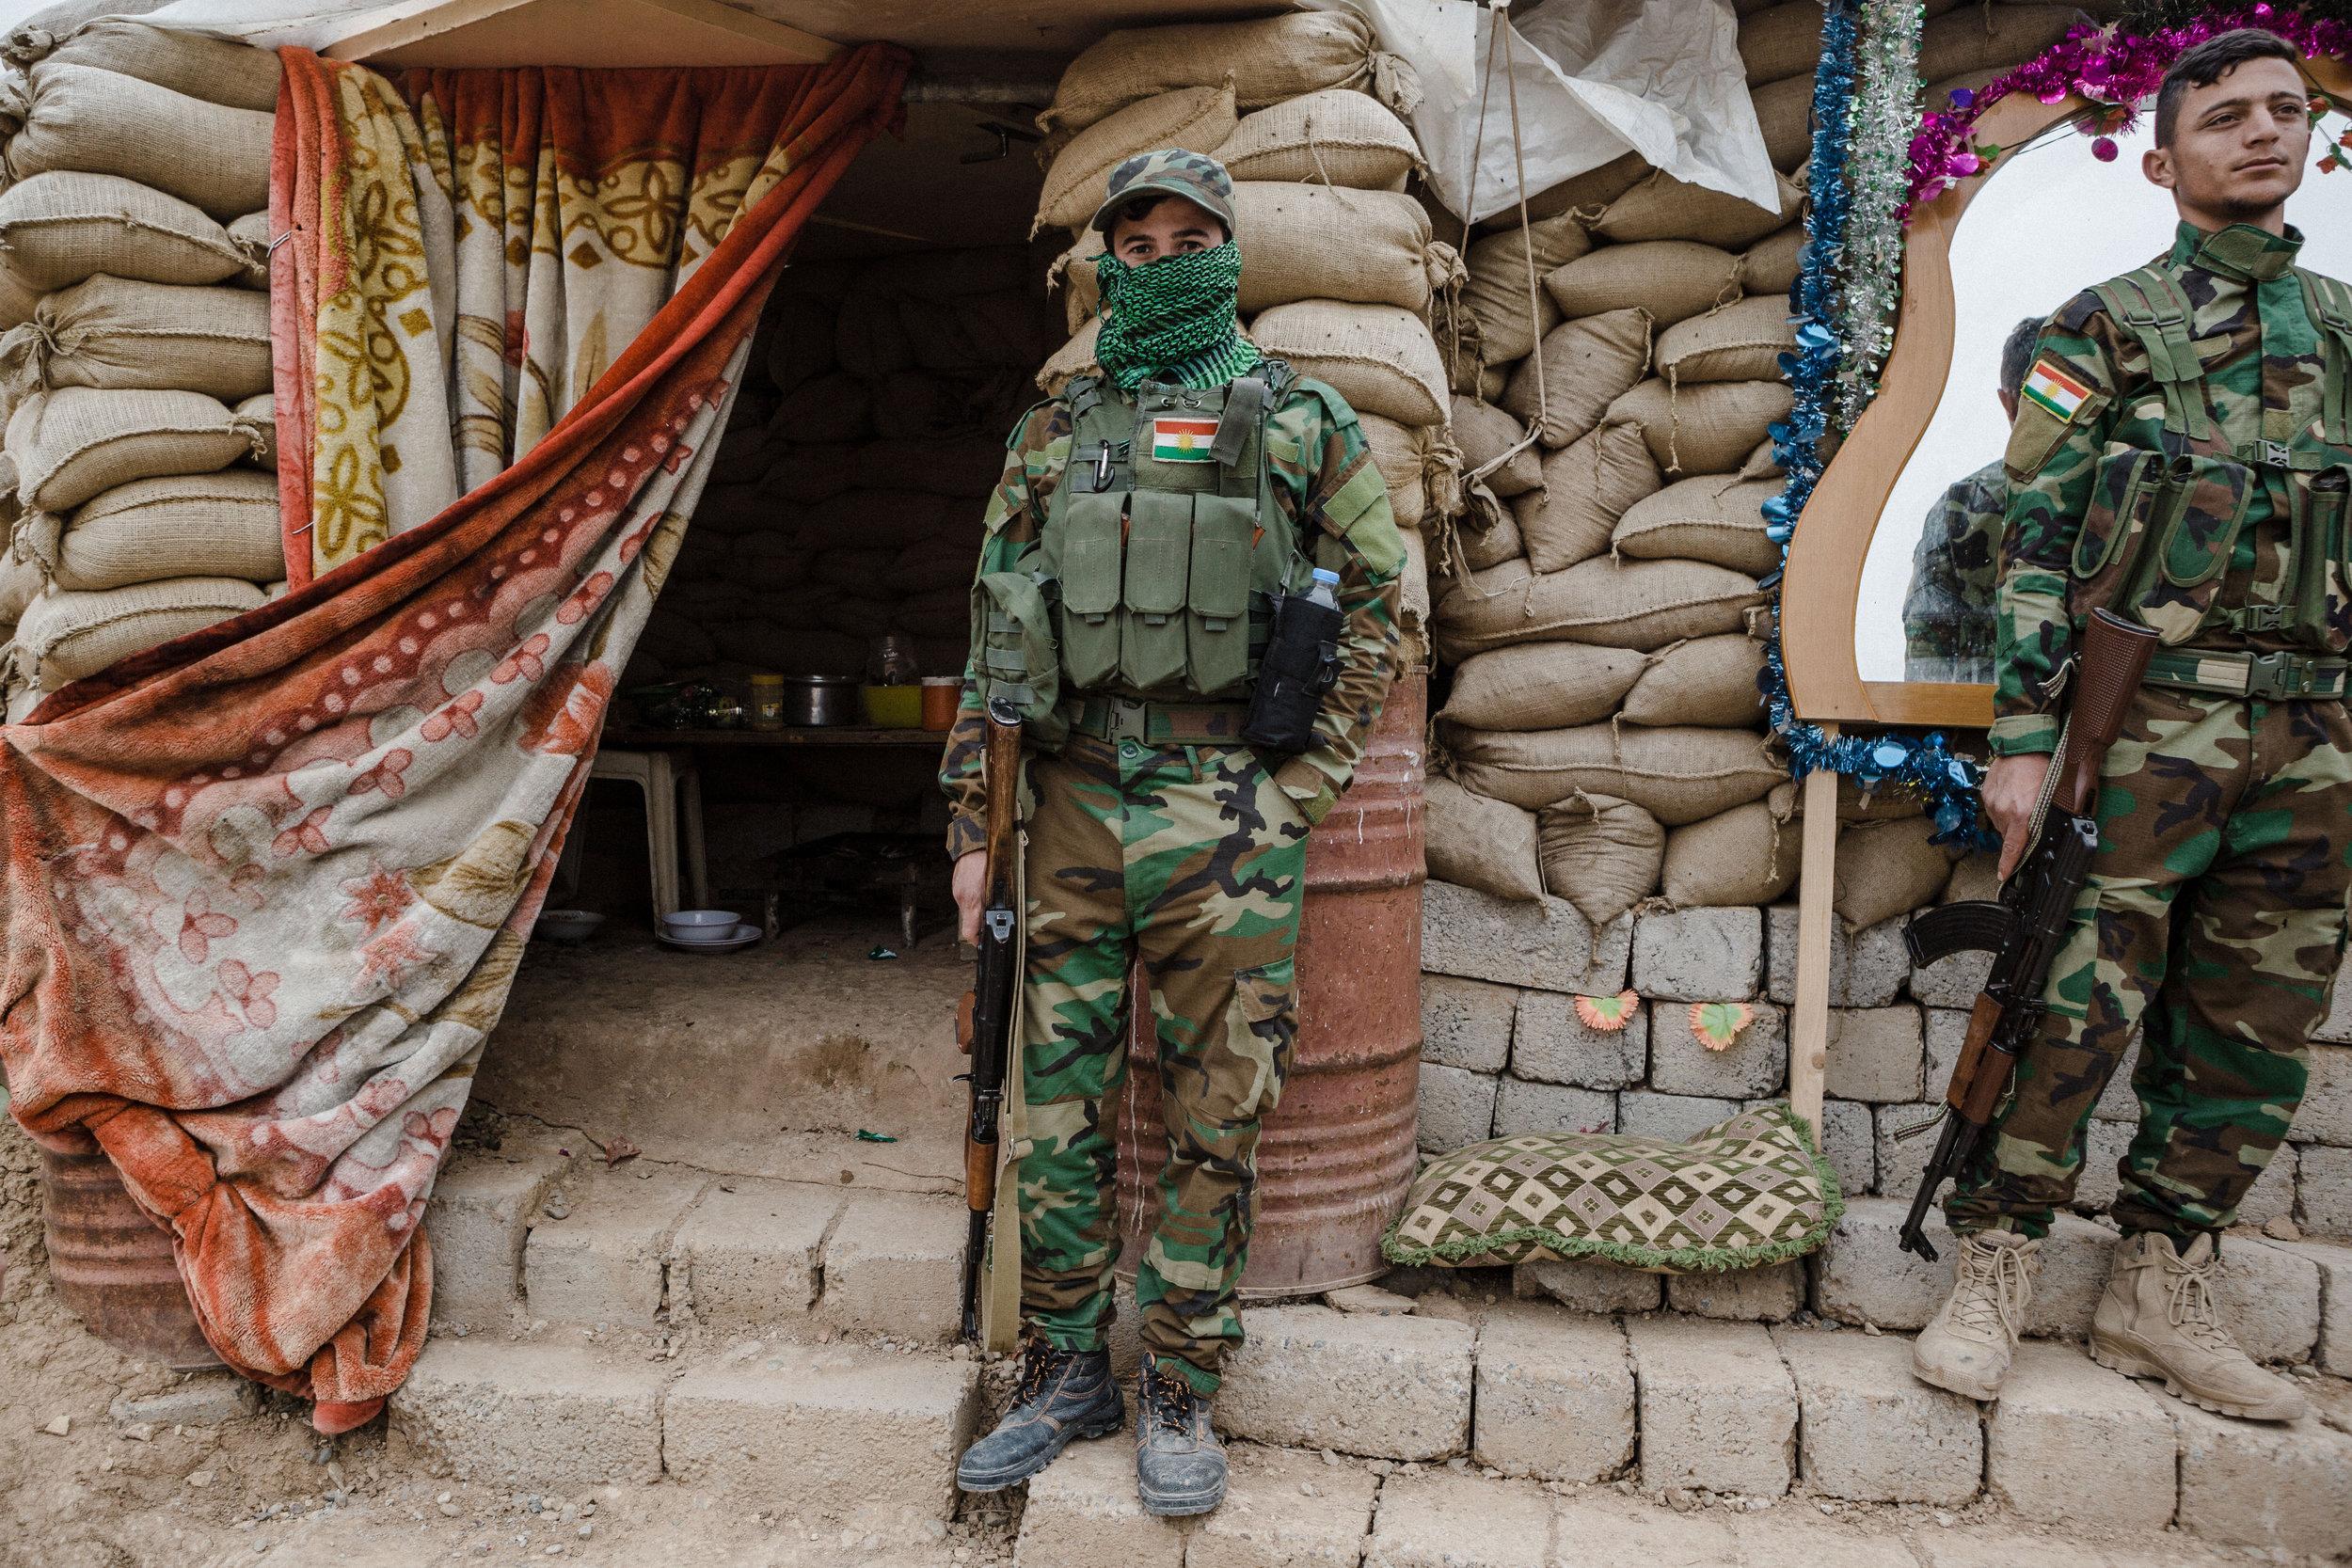 Iraq: Kurdish liberators become occupiers as Yazidi militias vie for power in ruins of Sinjar - IB Times UK